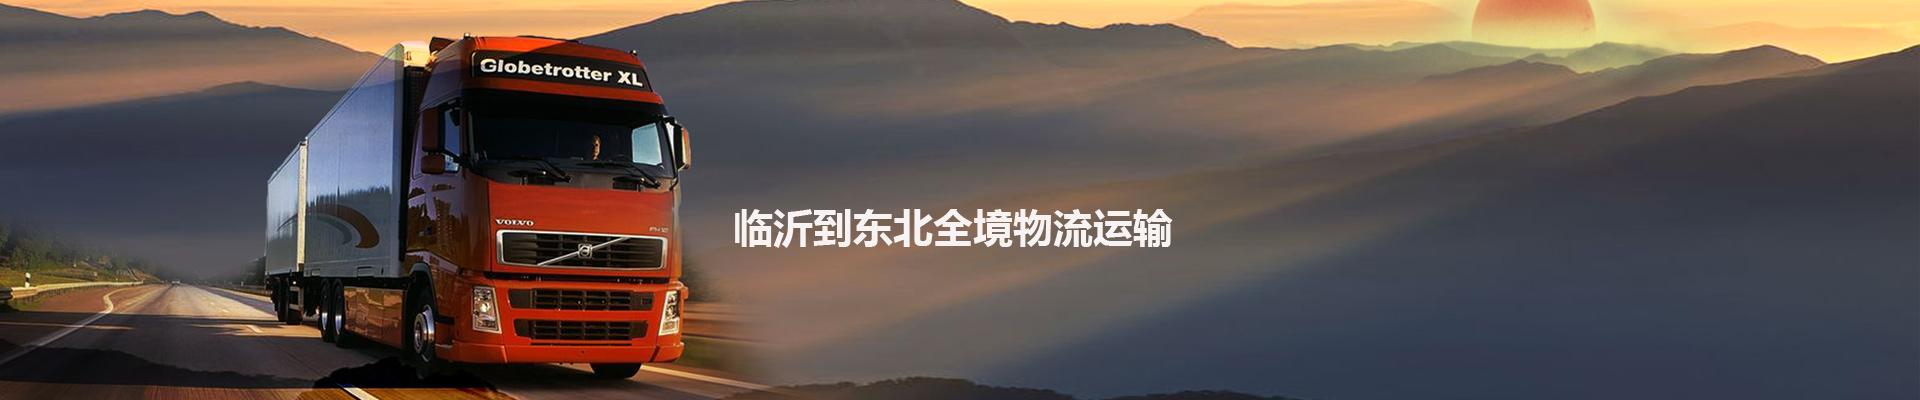 山东省双龙物流有限责任公司